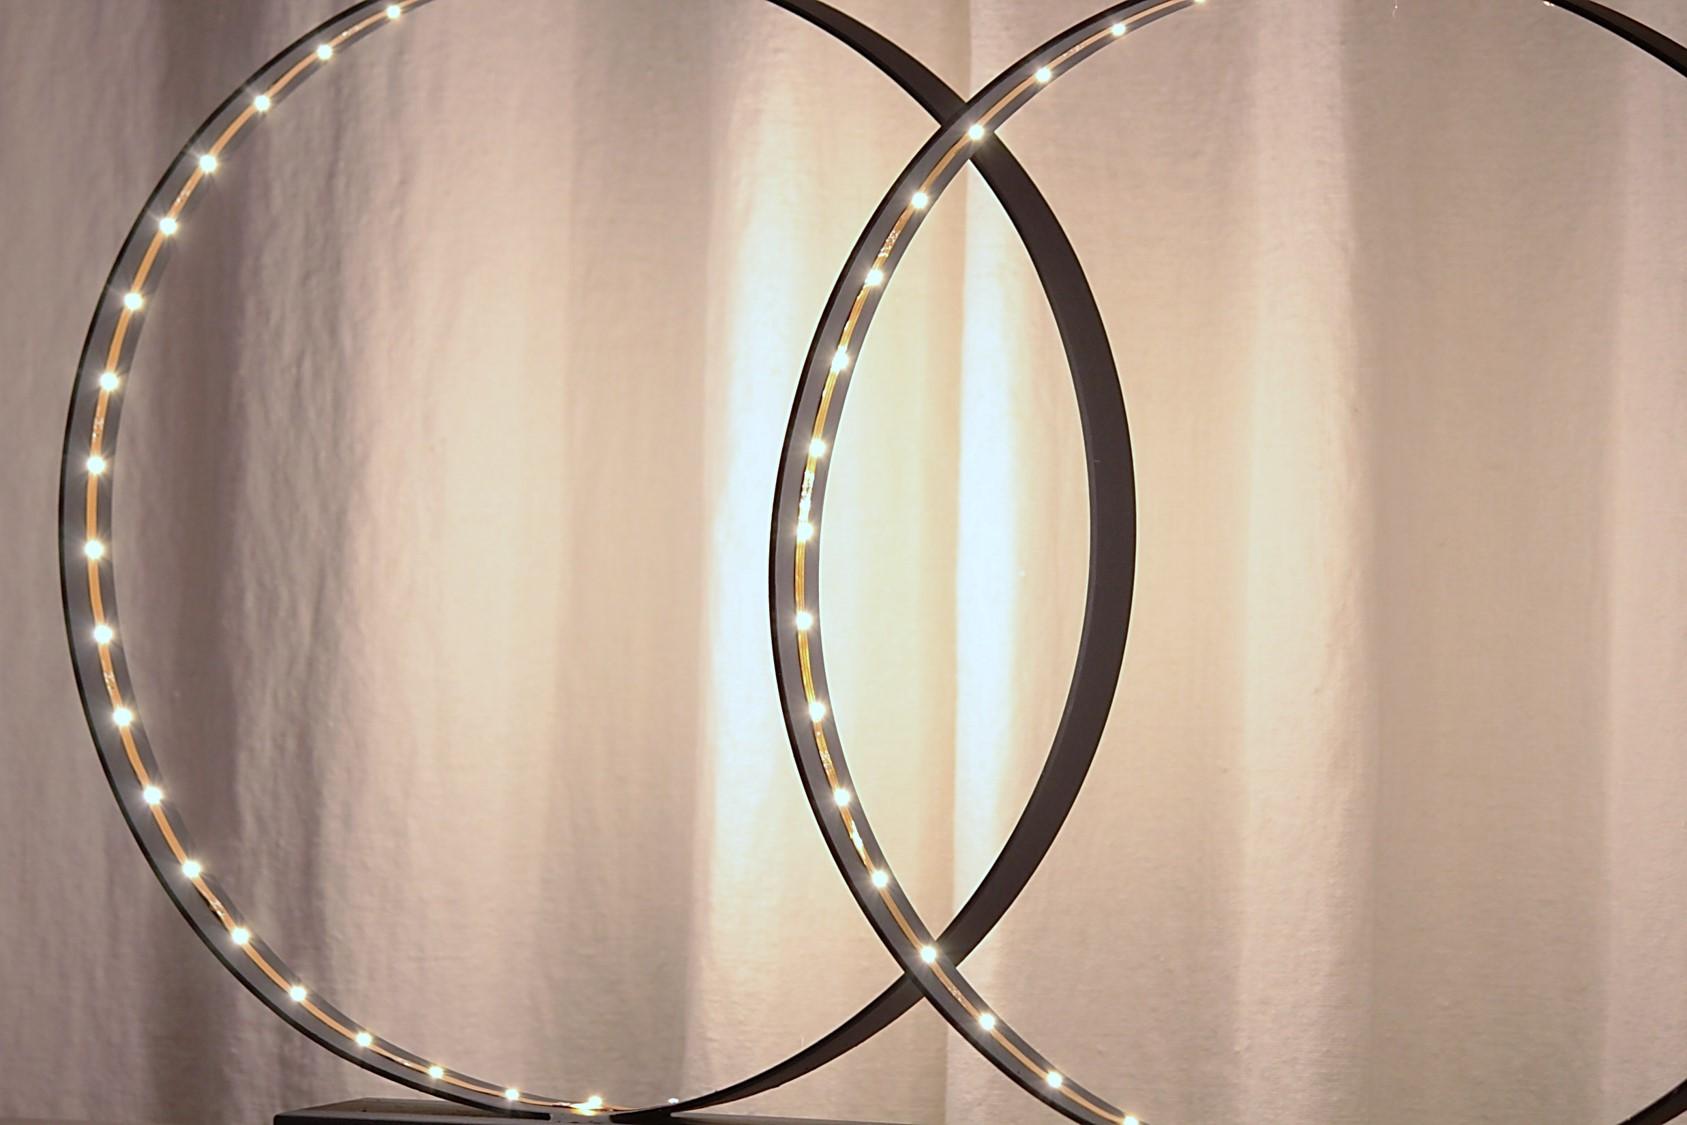 lamp13 (2)